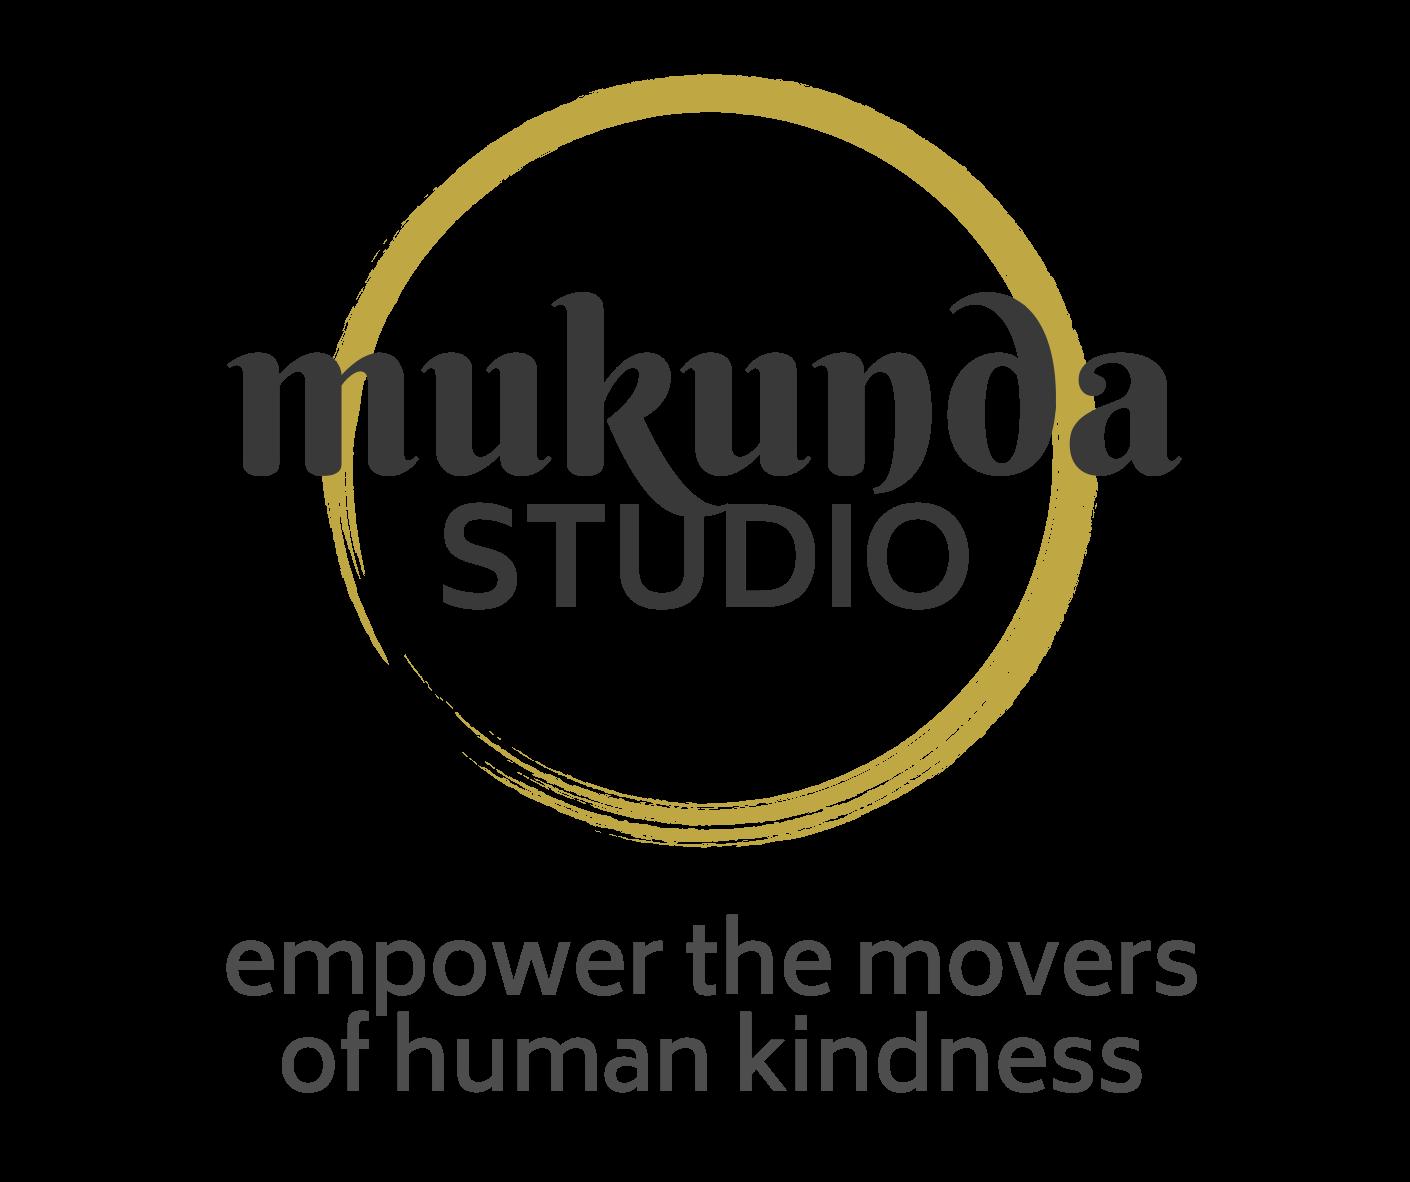 Mukunda Studio